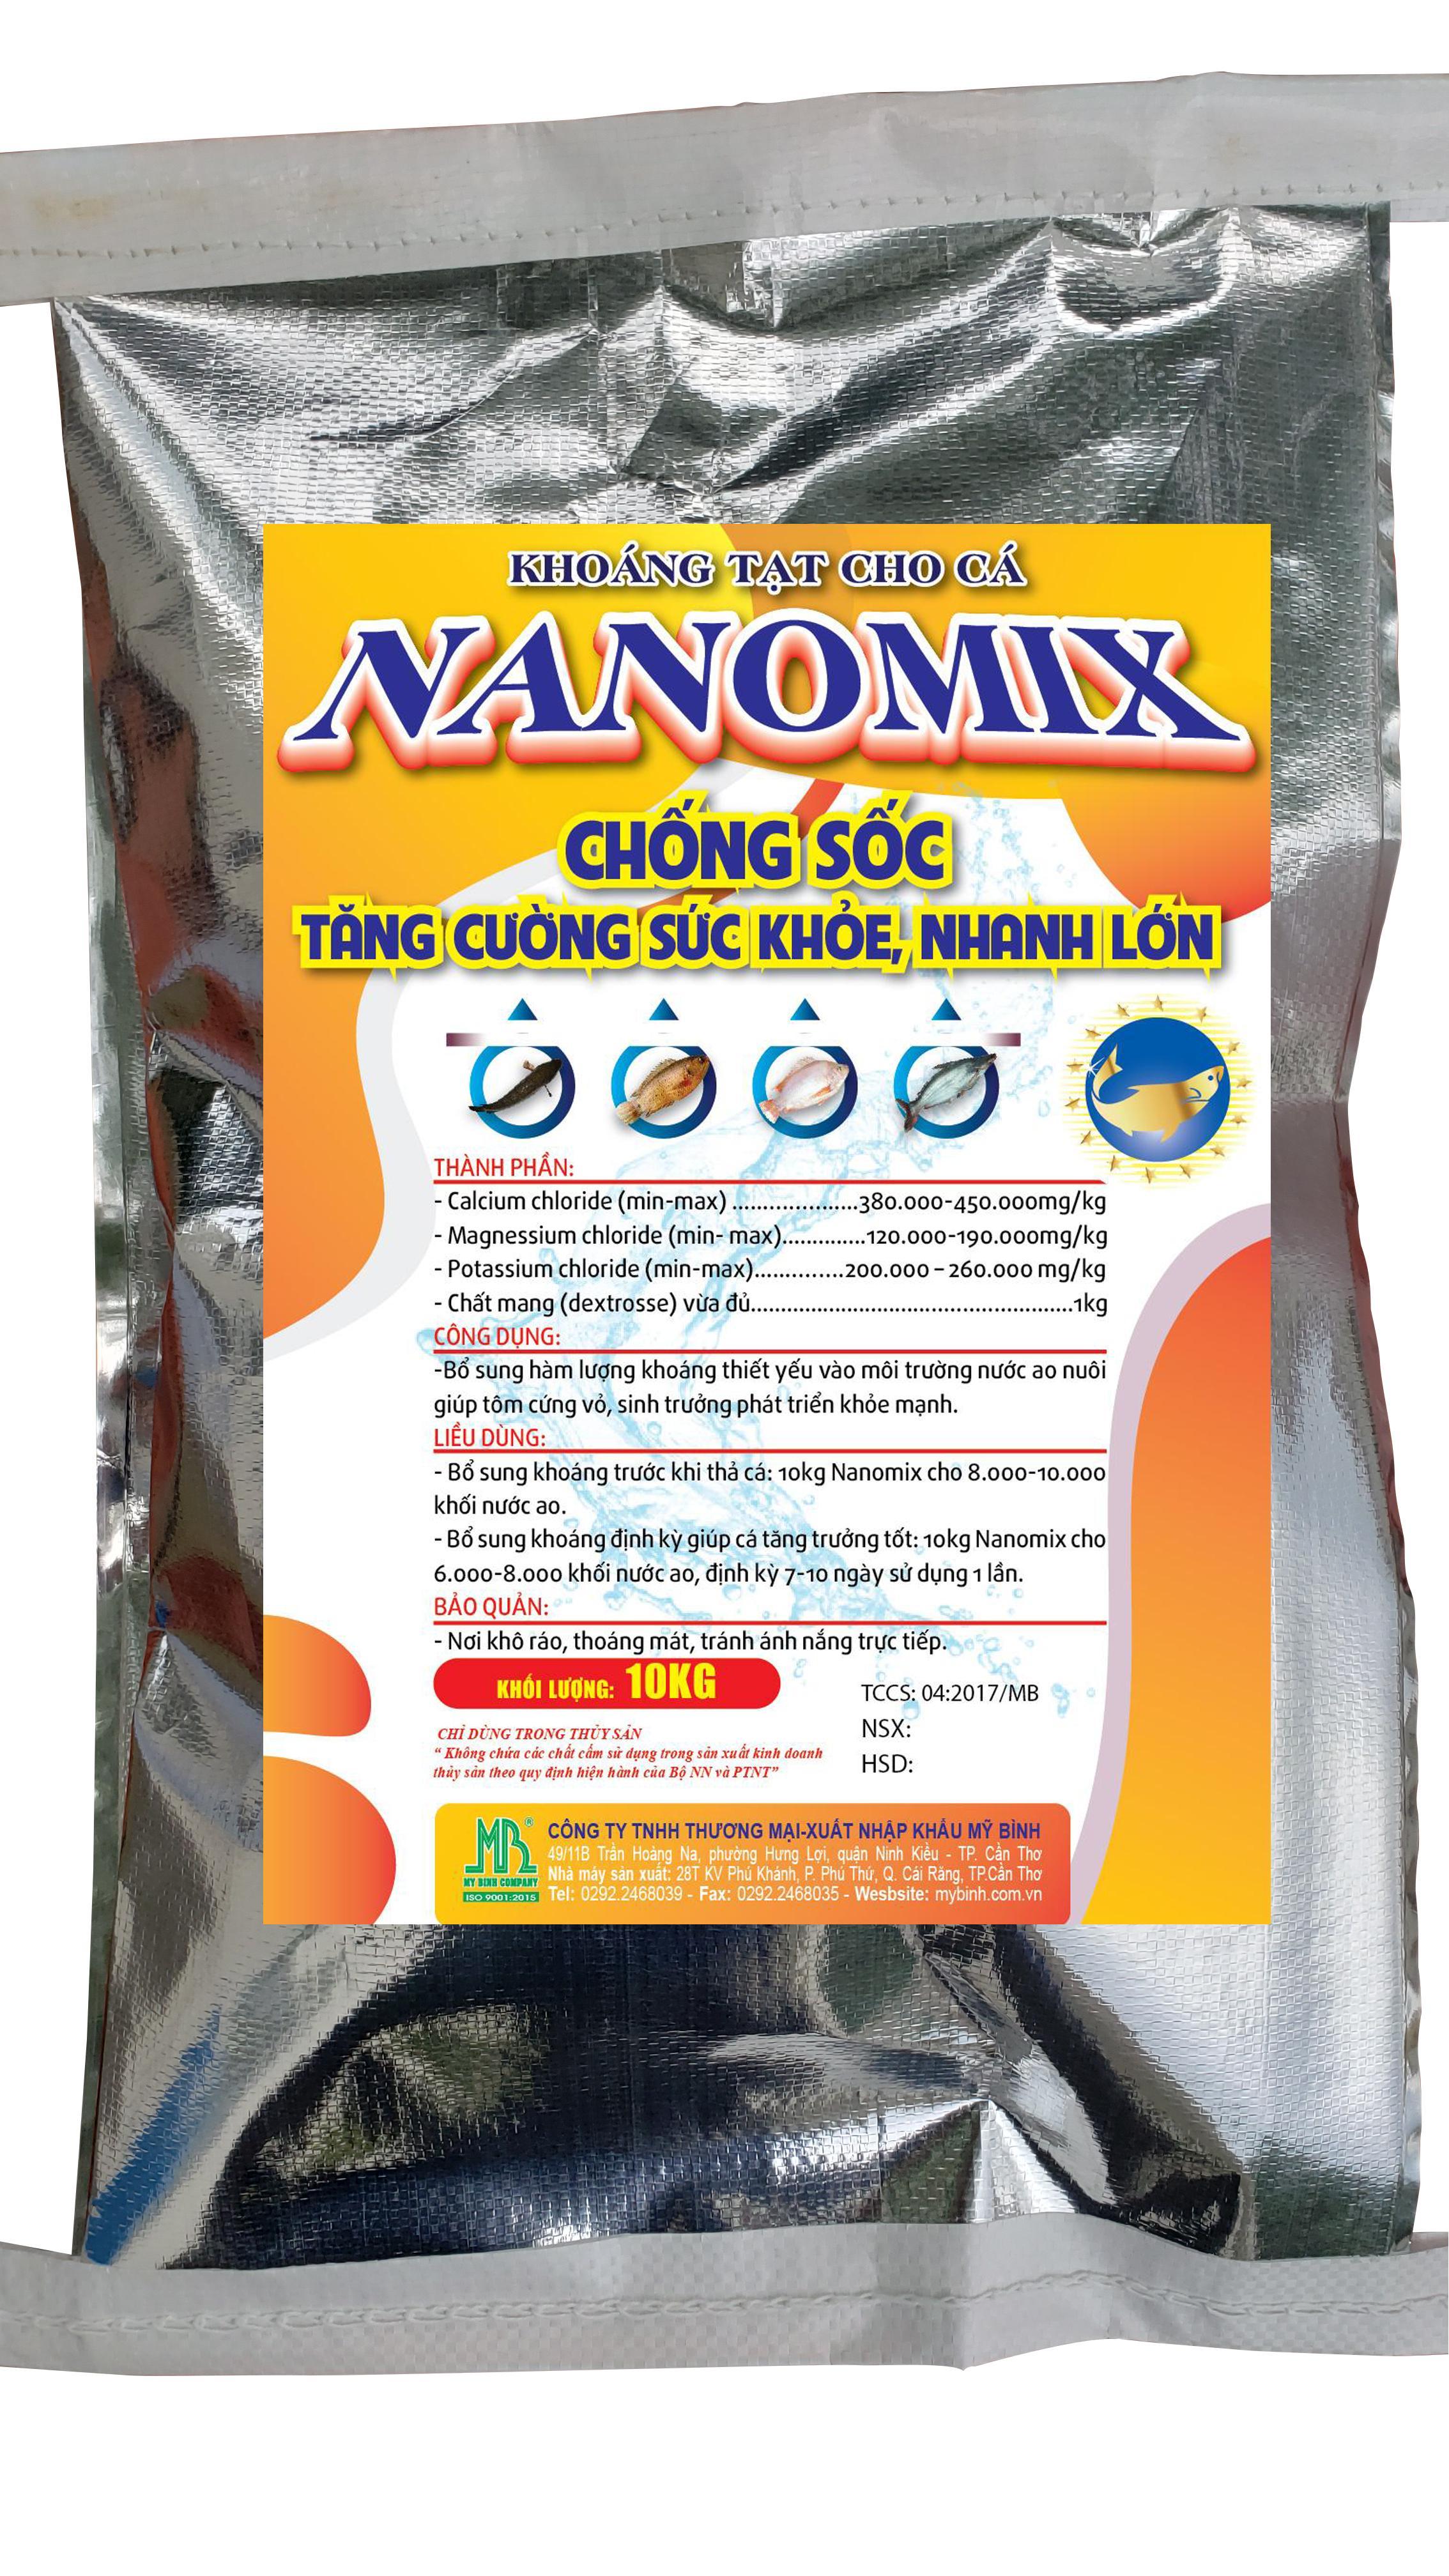 NANOMIX - Chống sốc, tăng cường sức khỏe, giúp cá nhanh lớn